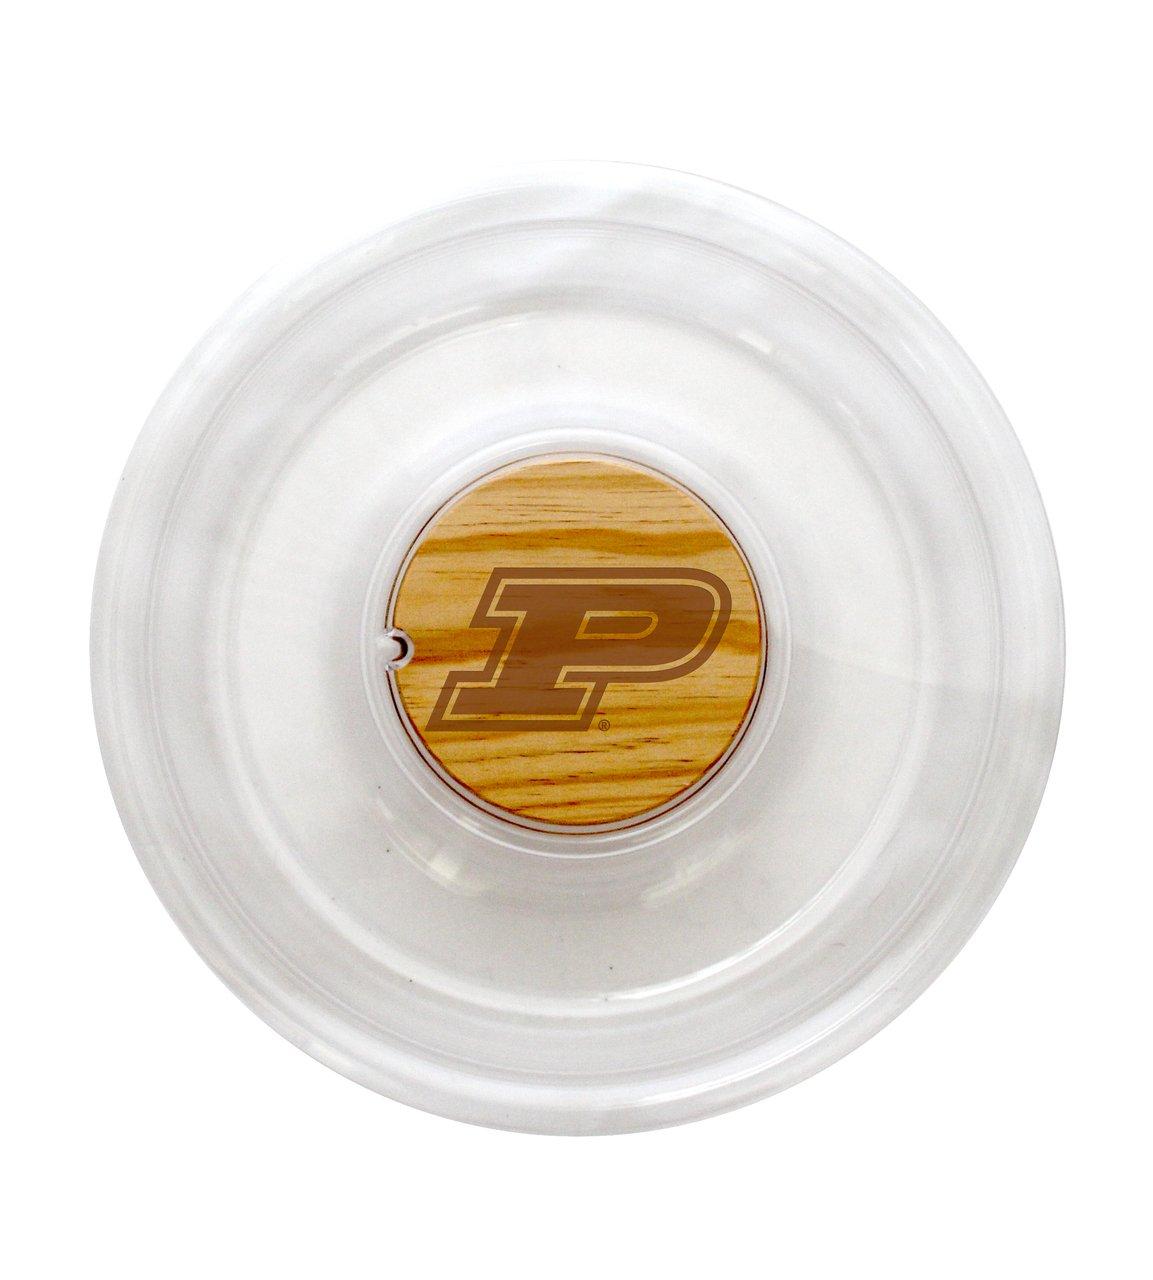 Purdue Chip & Dip